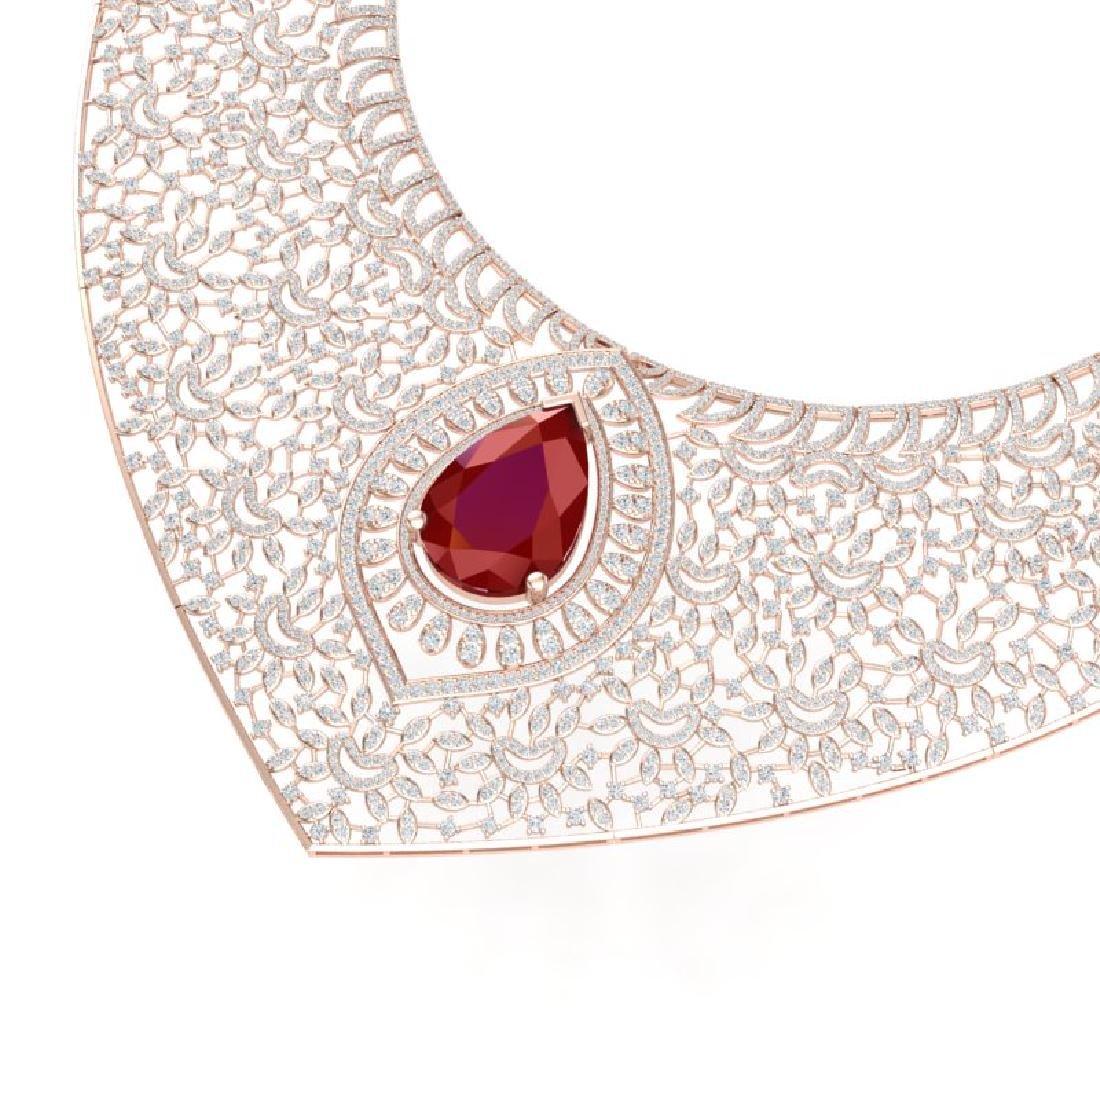 63.93 CTW Royalty Ruby & VS Diamond Necklace 18K Rose